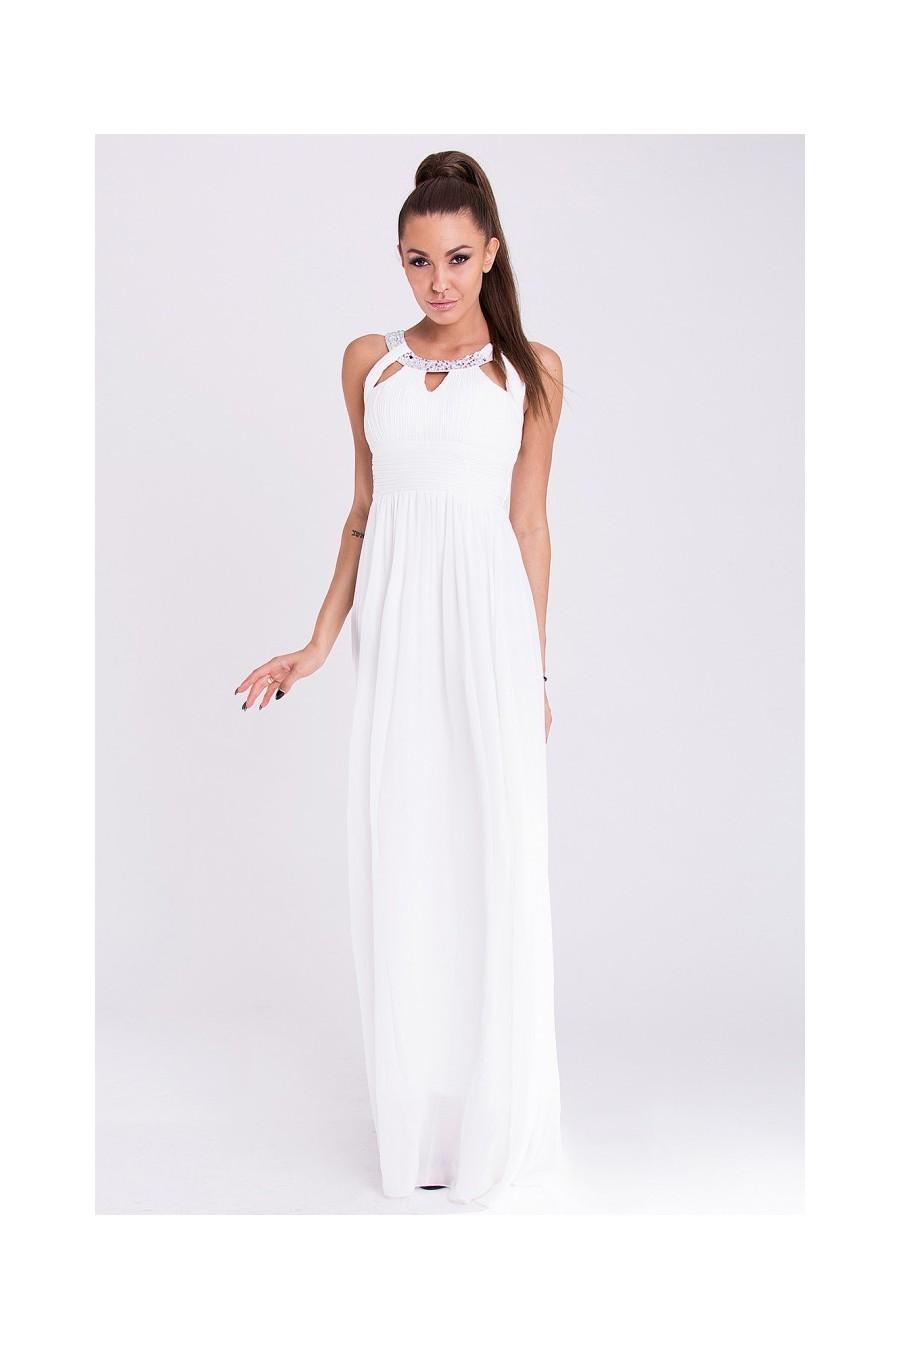 Spoločenské šaty 2655